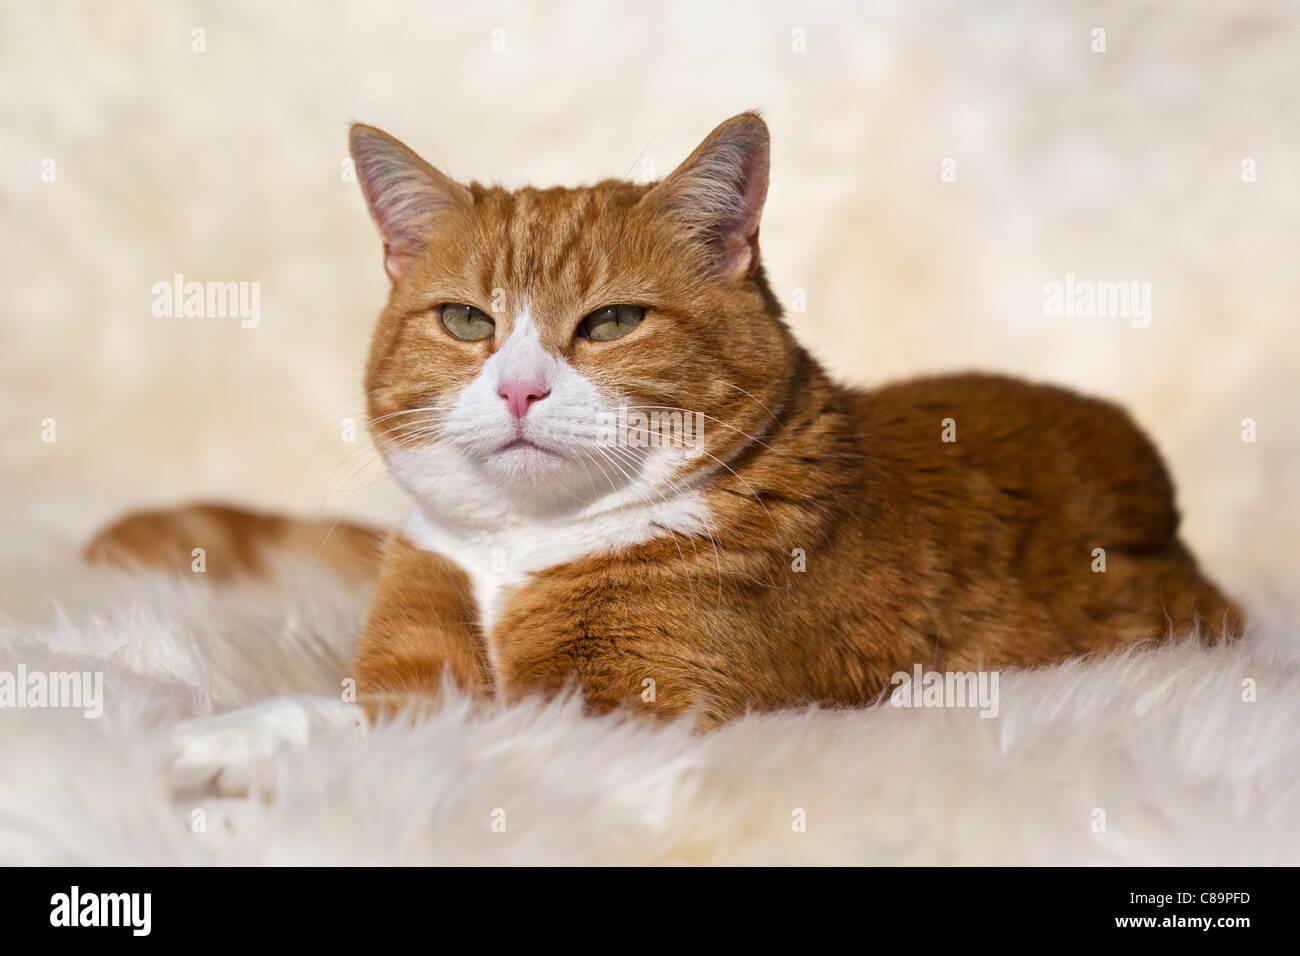 Ginger White Cat Stock Photos Amp Ginger White Cat Stock